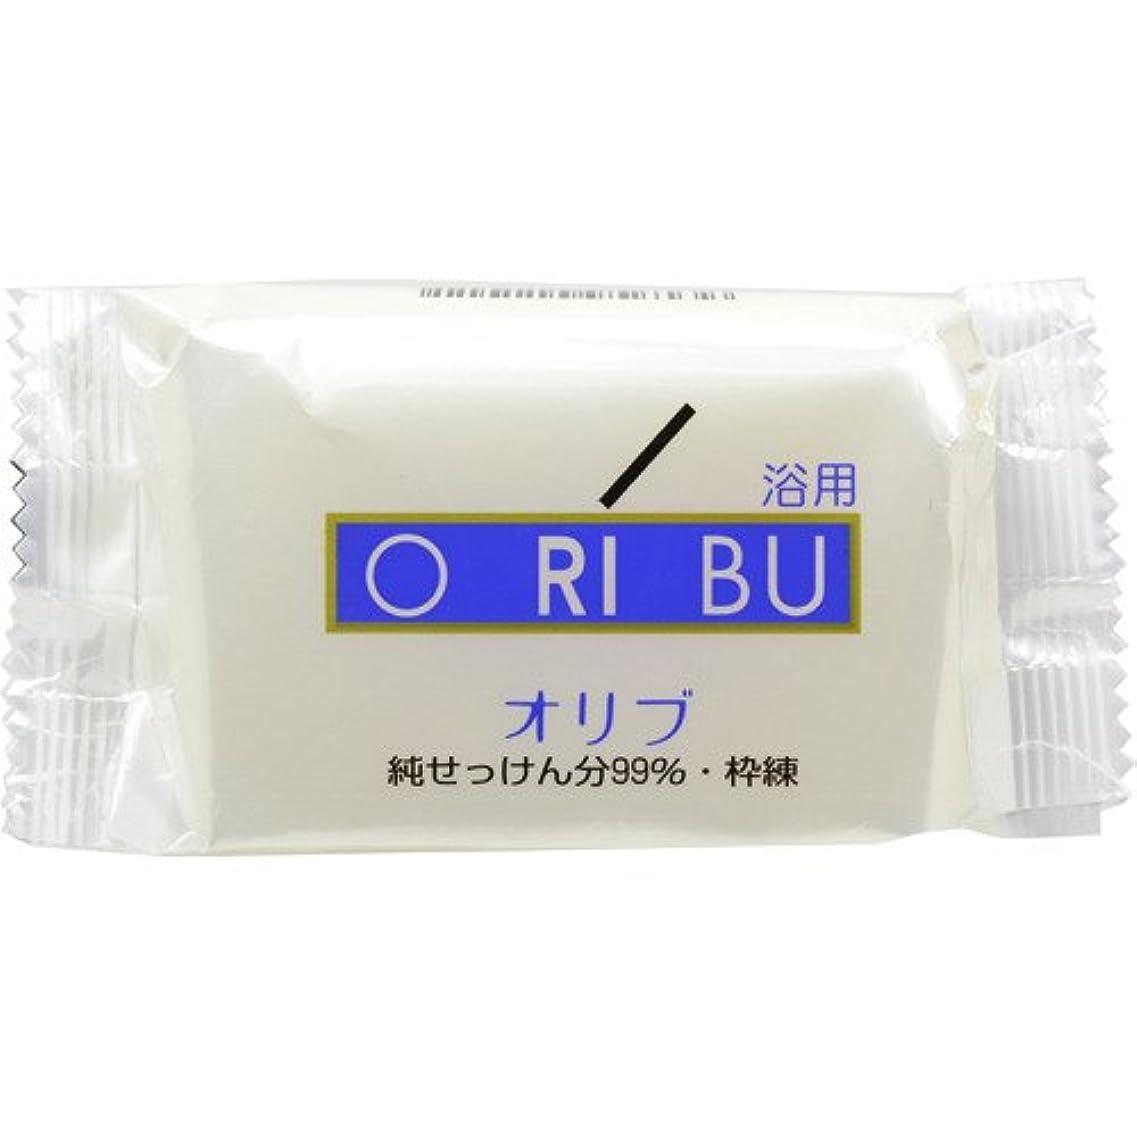 不従順故障カロリー浴用オリブ 110g